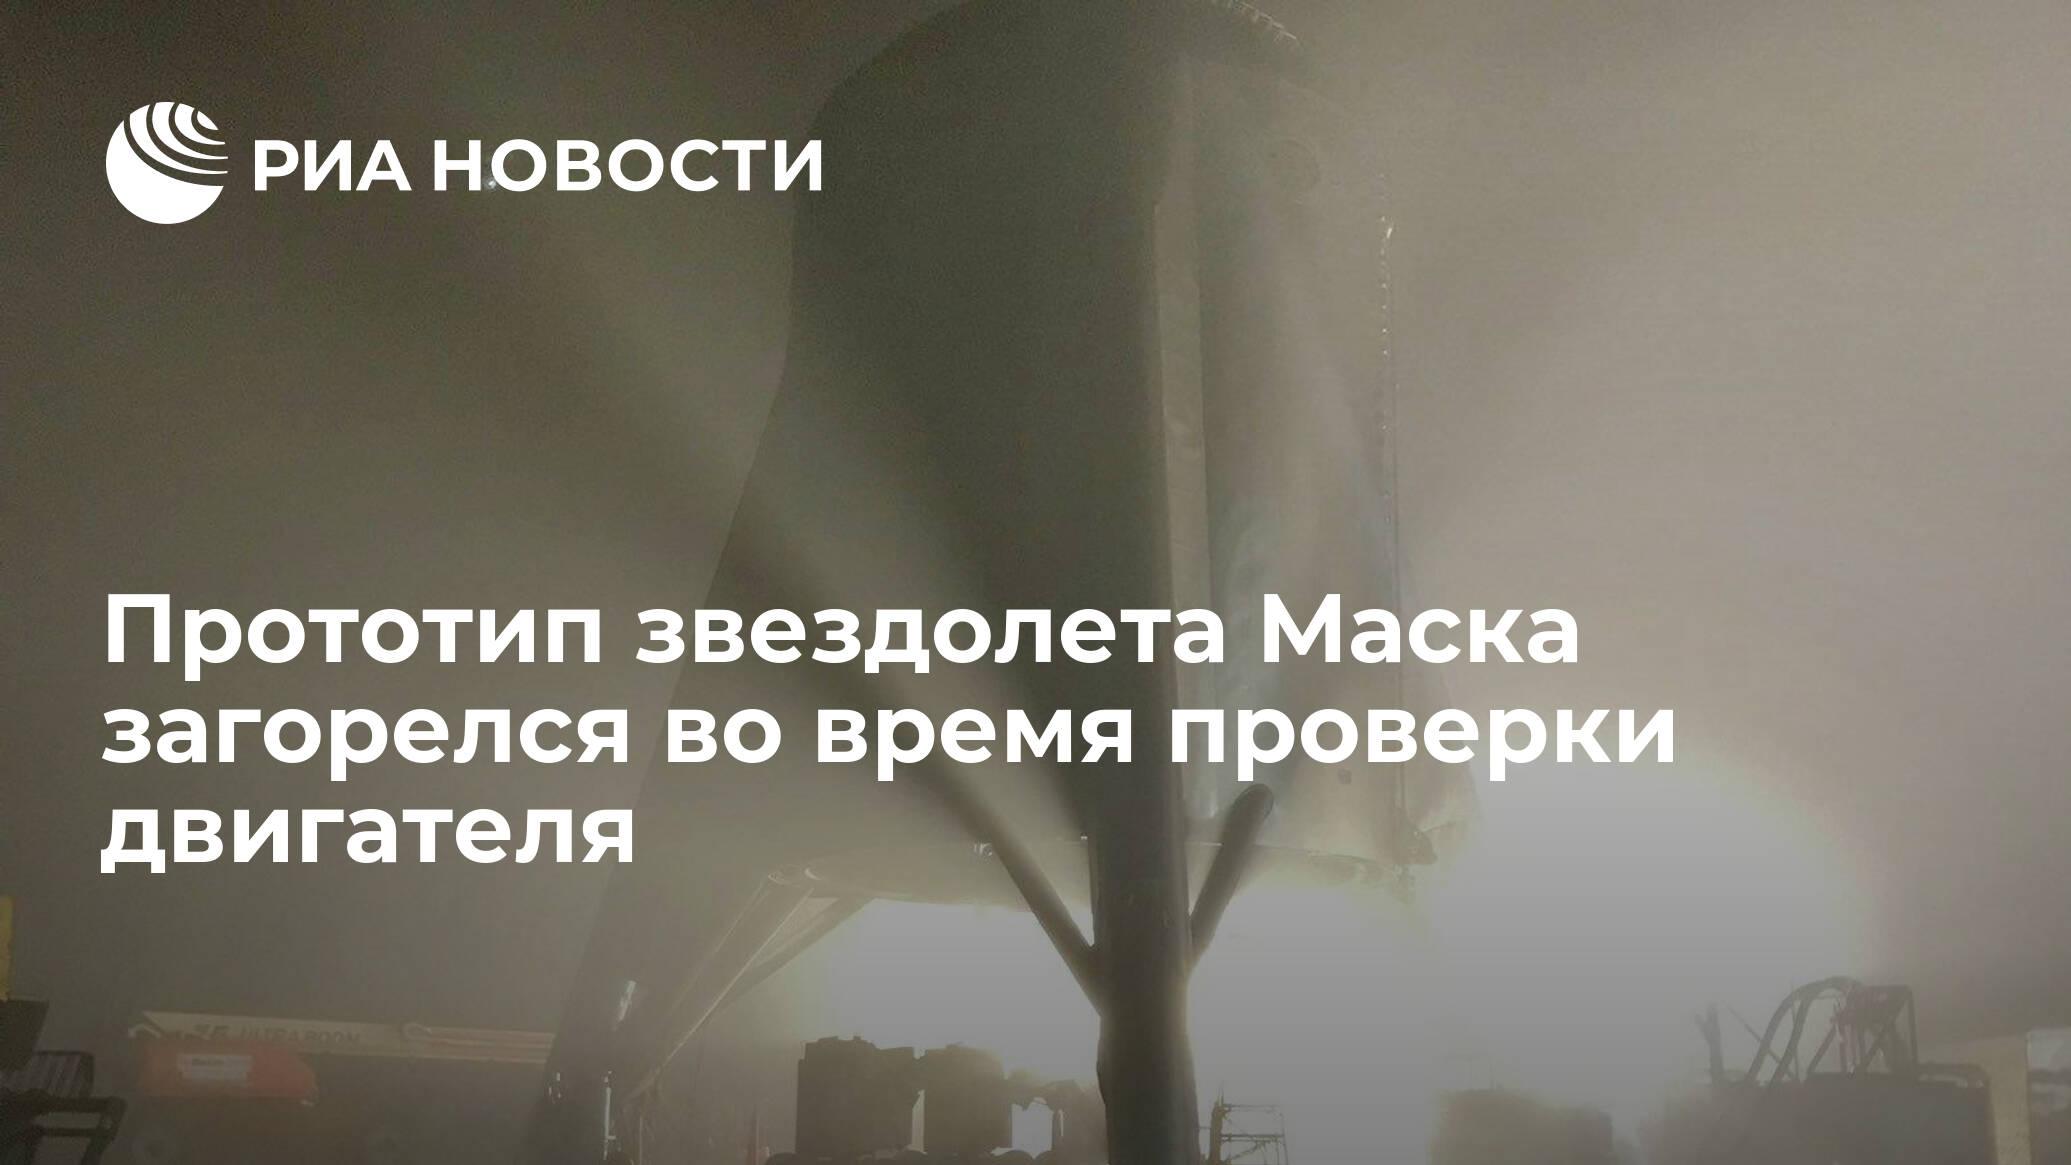 Прототип звездолета Маска загорелся во время проверки двигателя